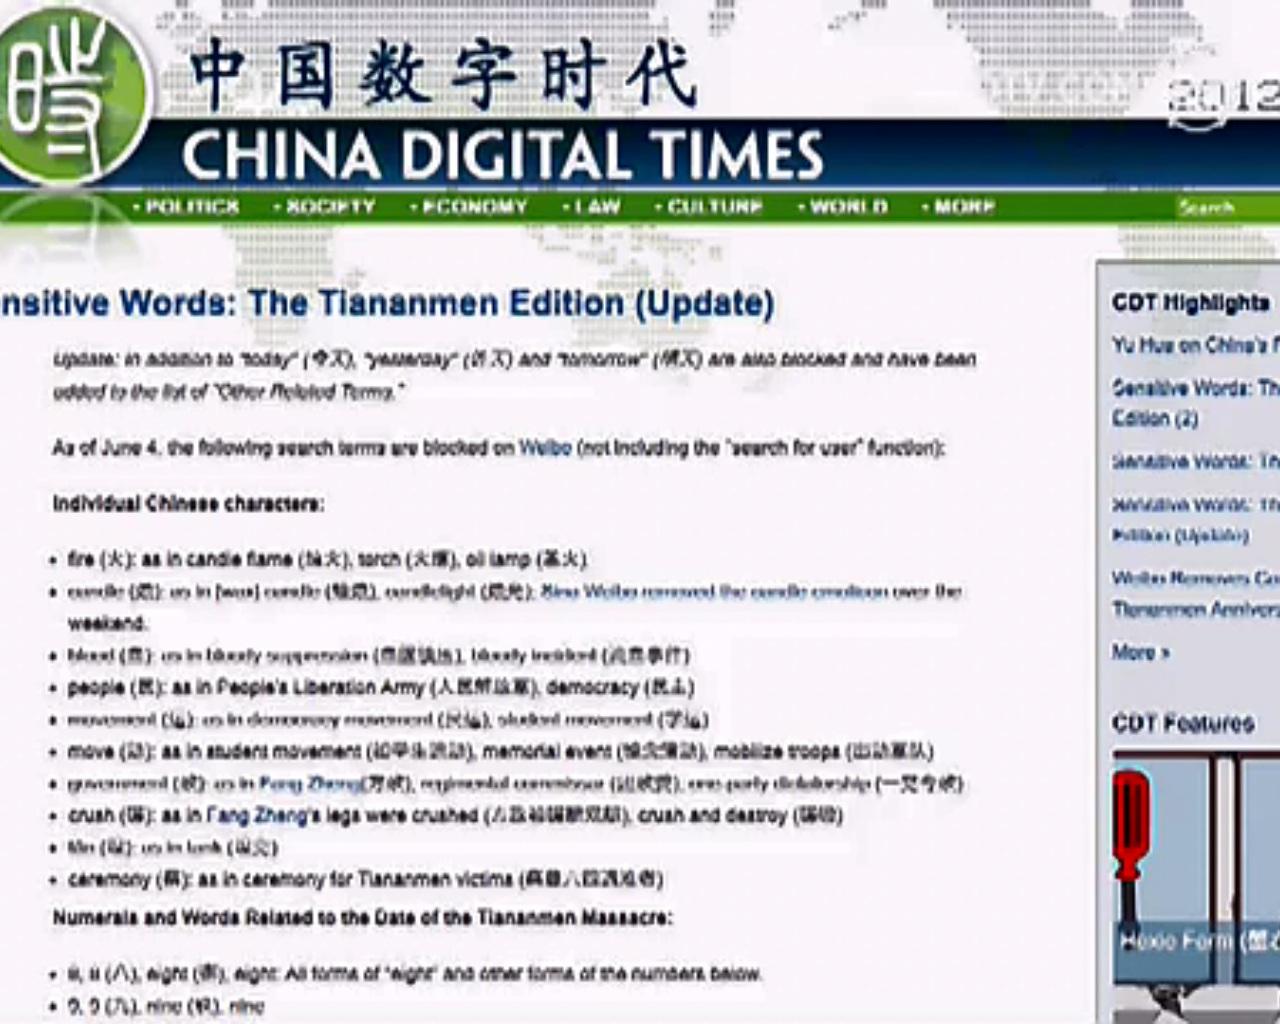 Tiananmen-Massaker: Weibo zensiert Stichwörter rund um den 4. Juni